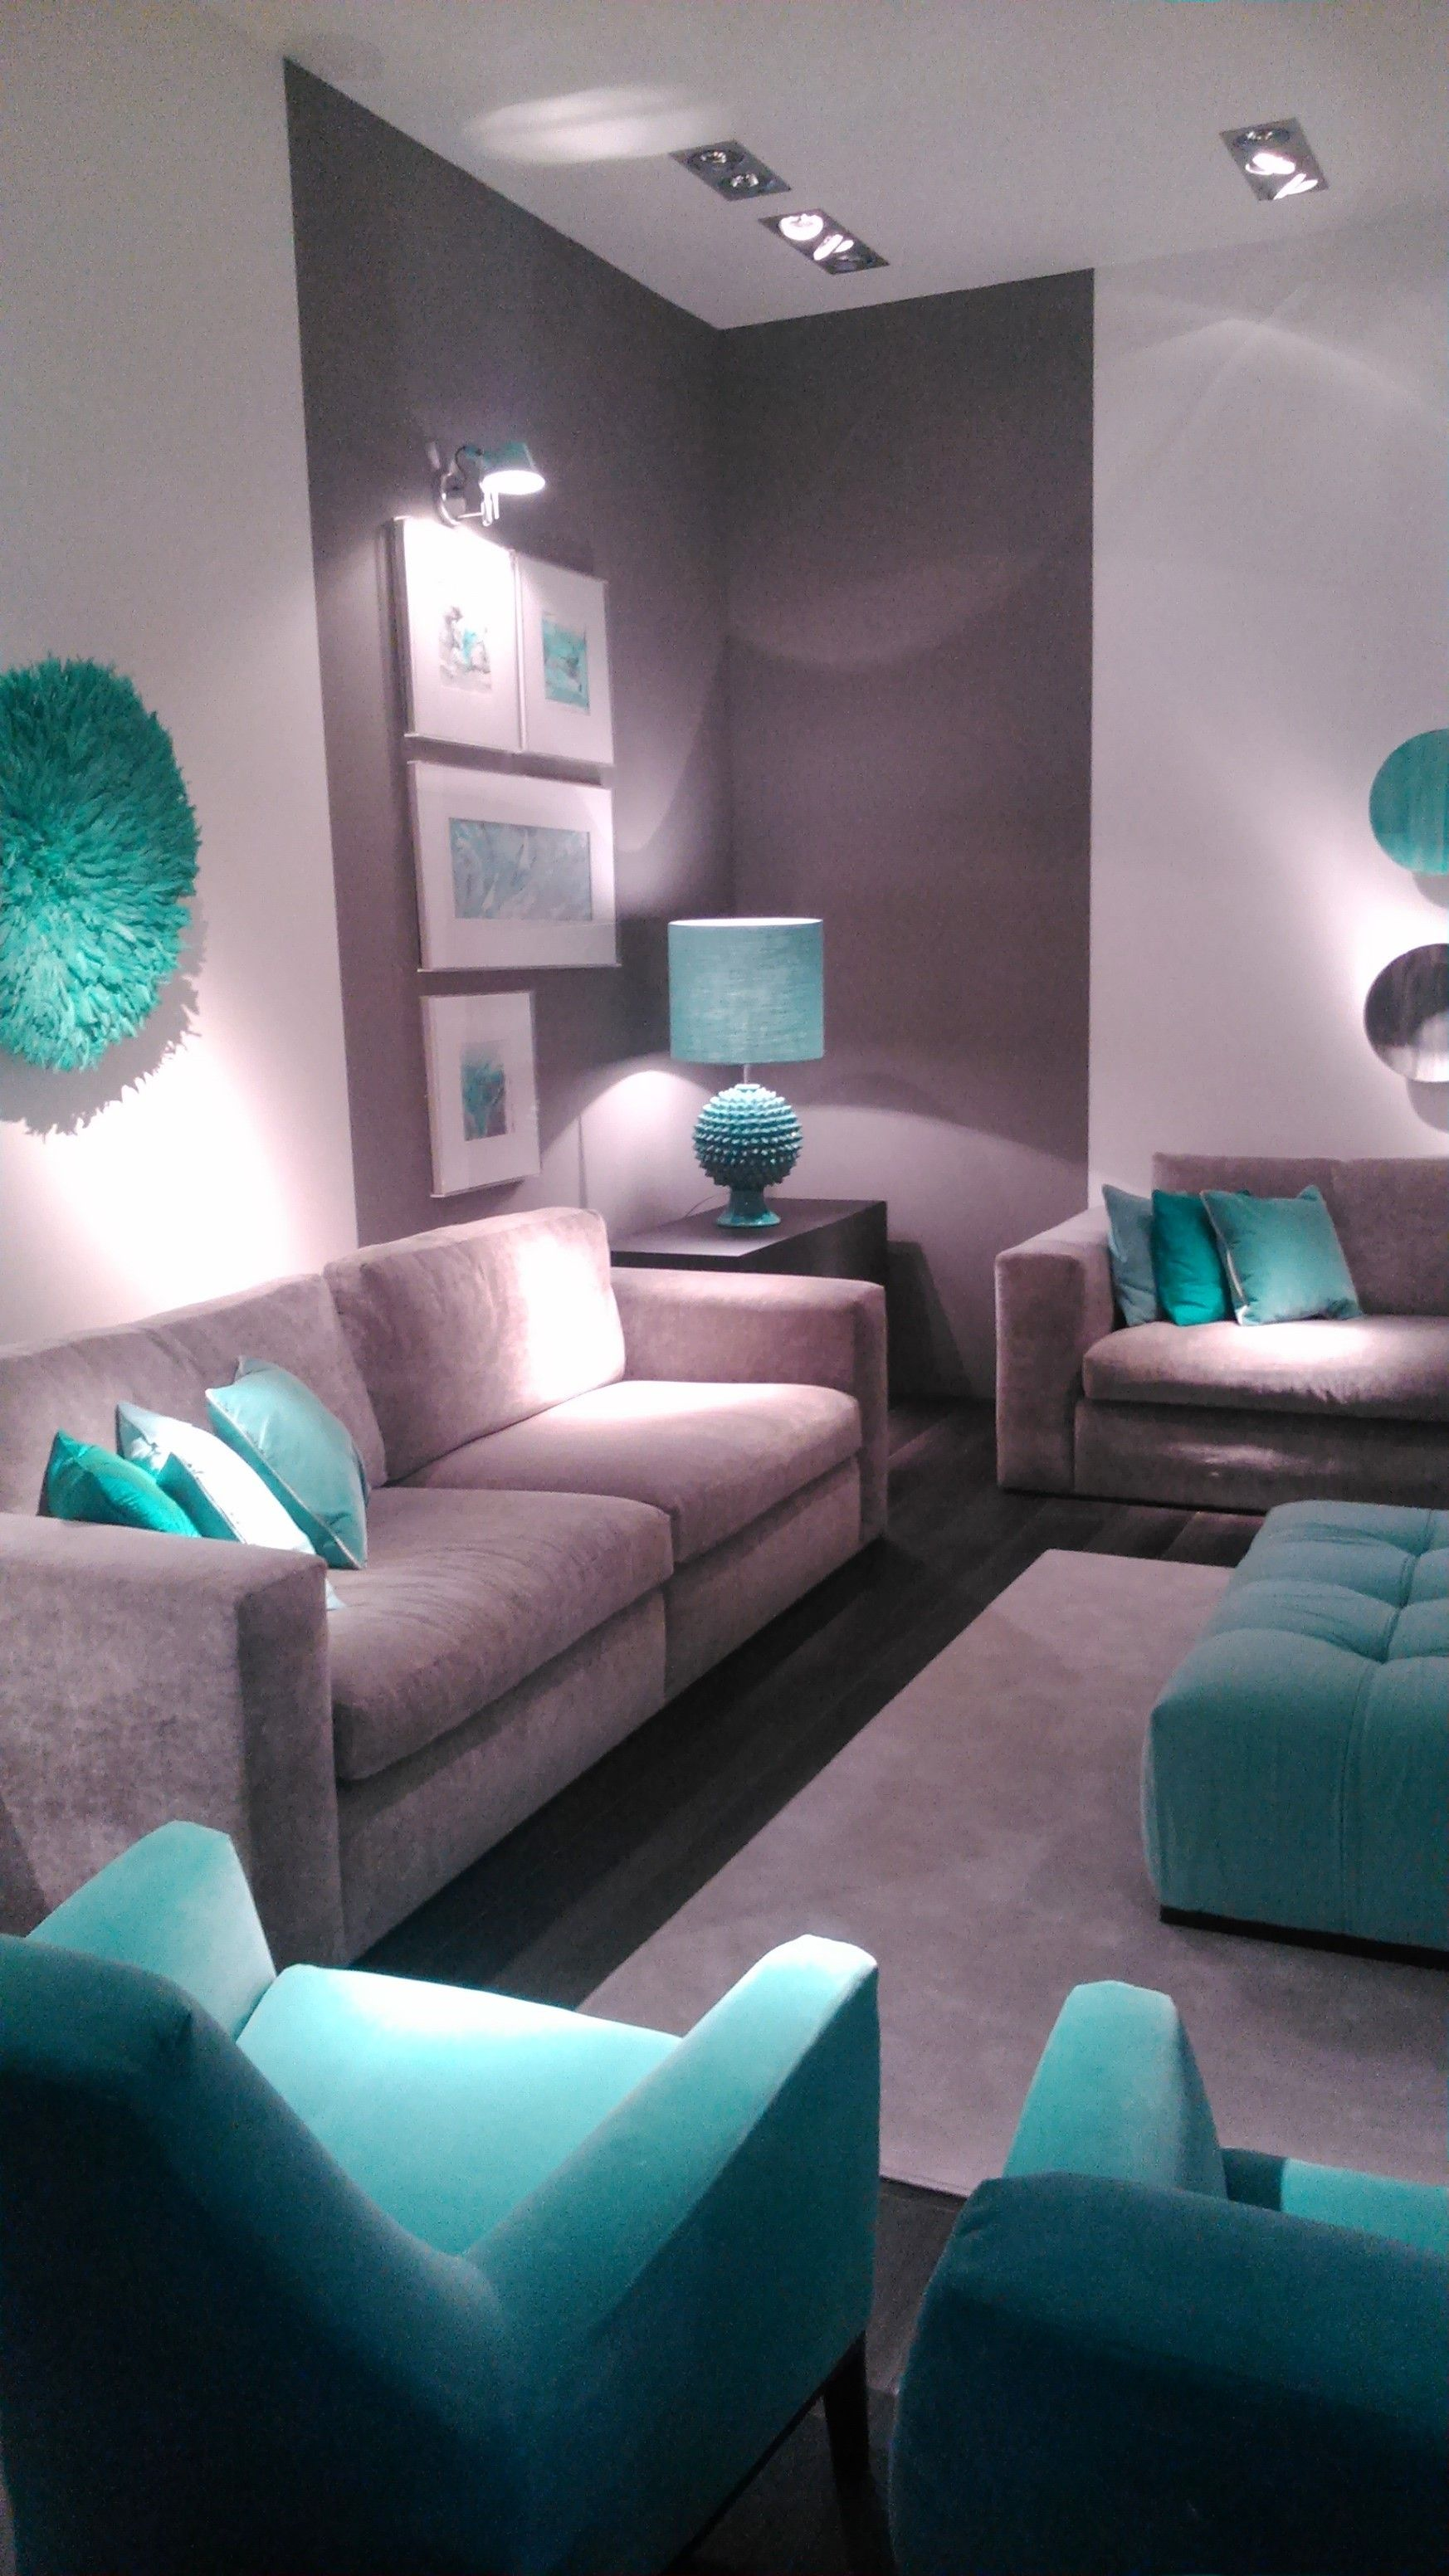 Me gusta el tono gris y l neas de esta sala decoraci n for Casa paulina muebles y decoracion